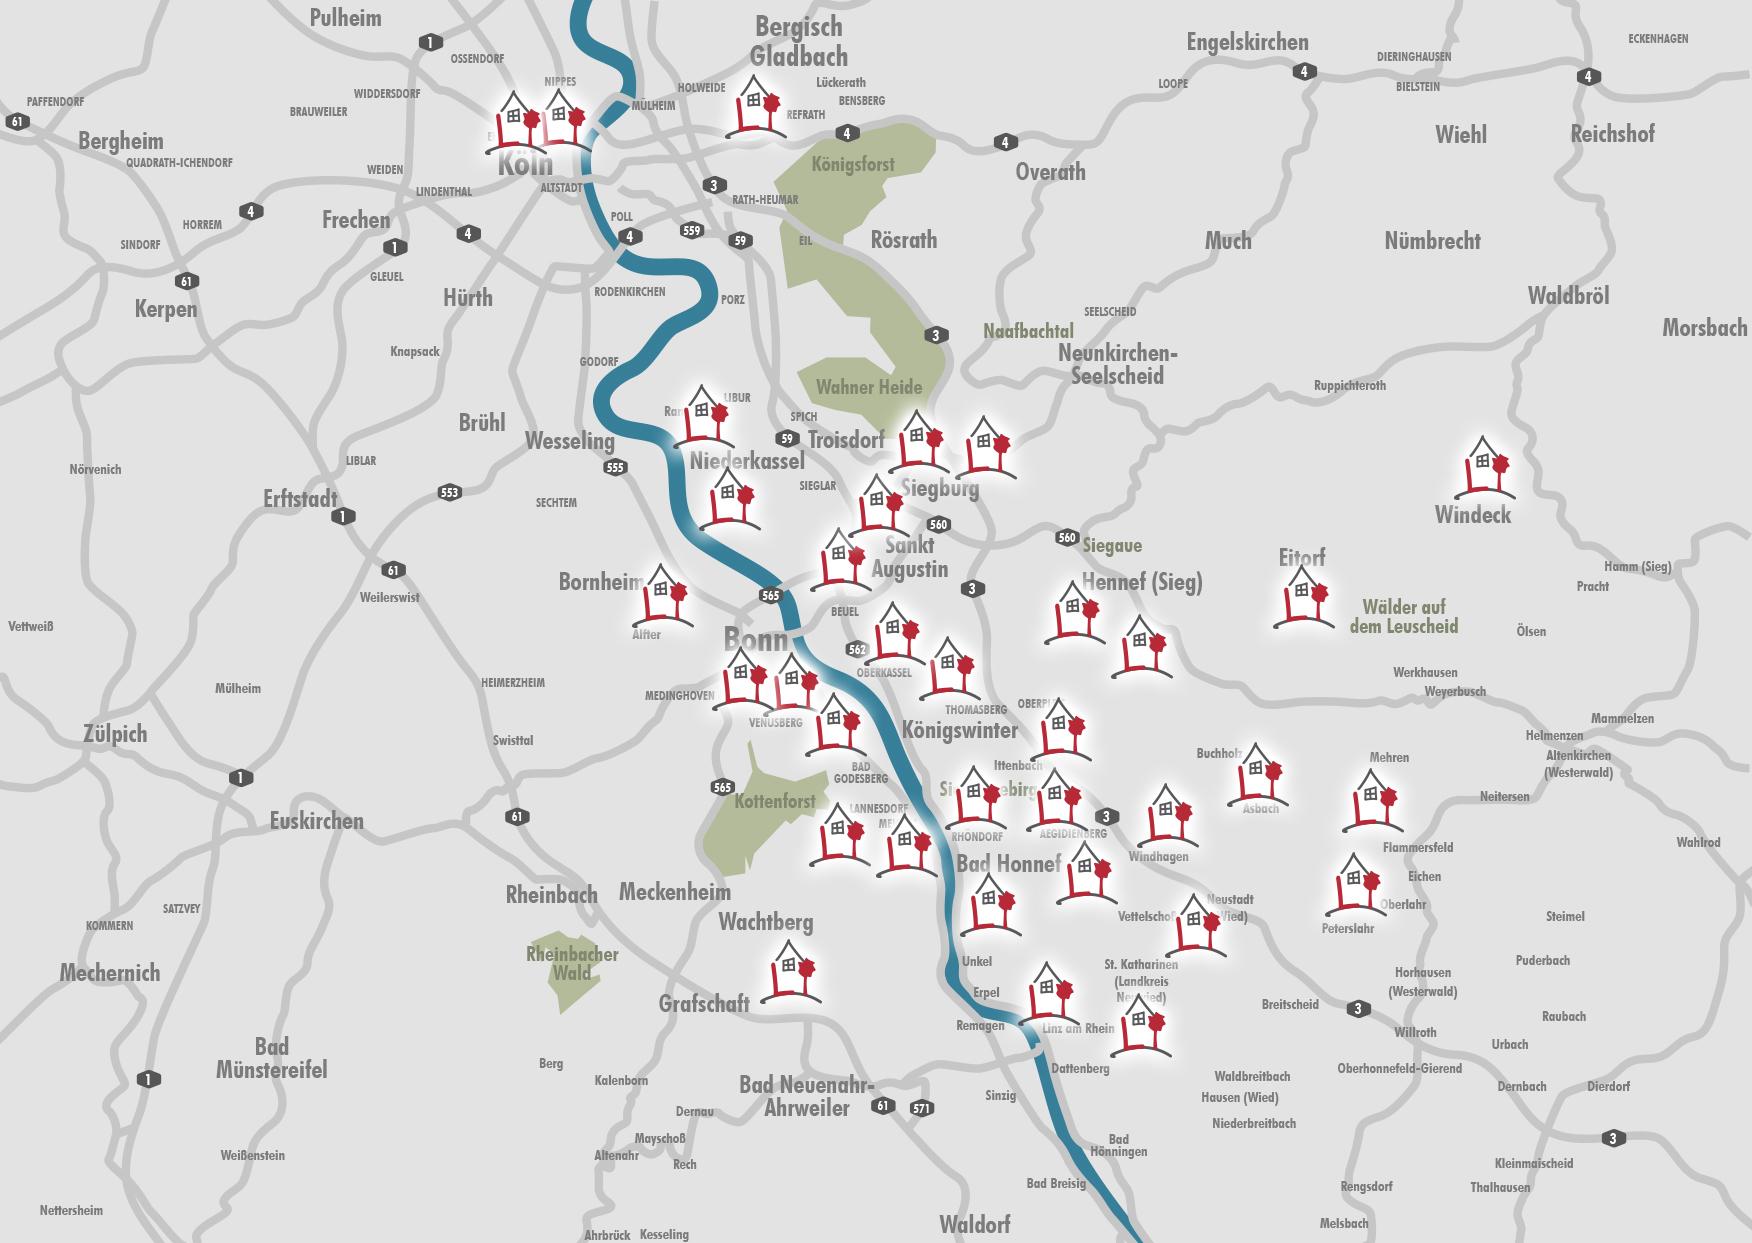 Karte mit Referenzen